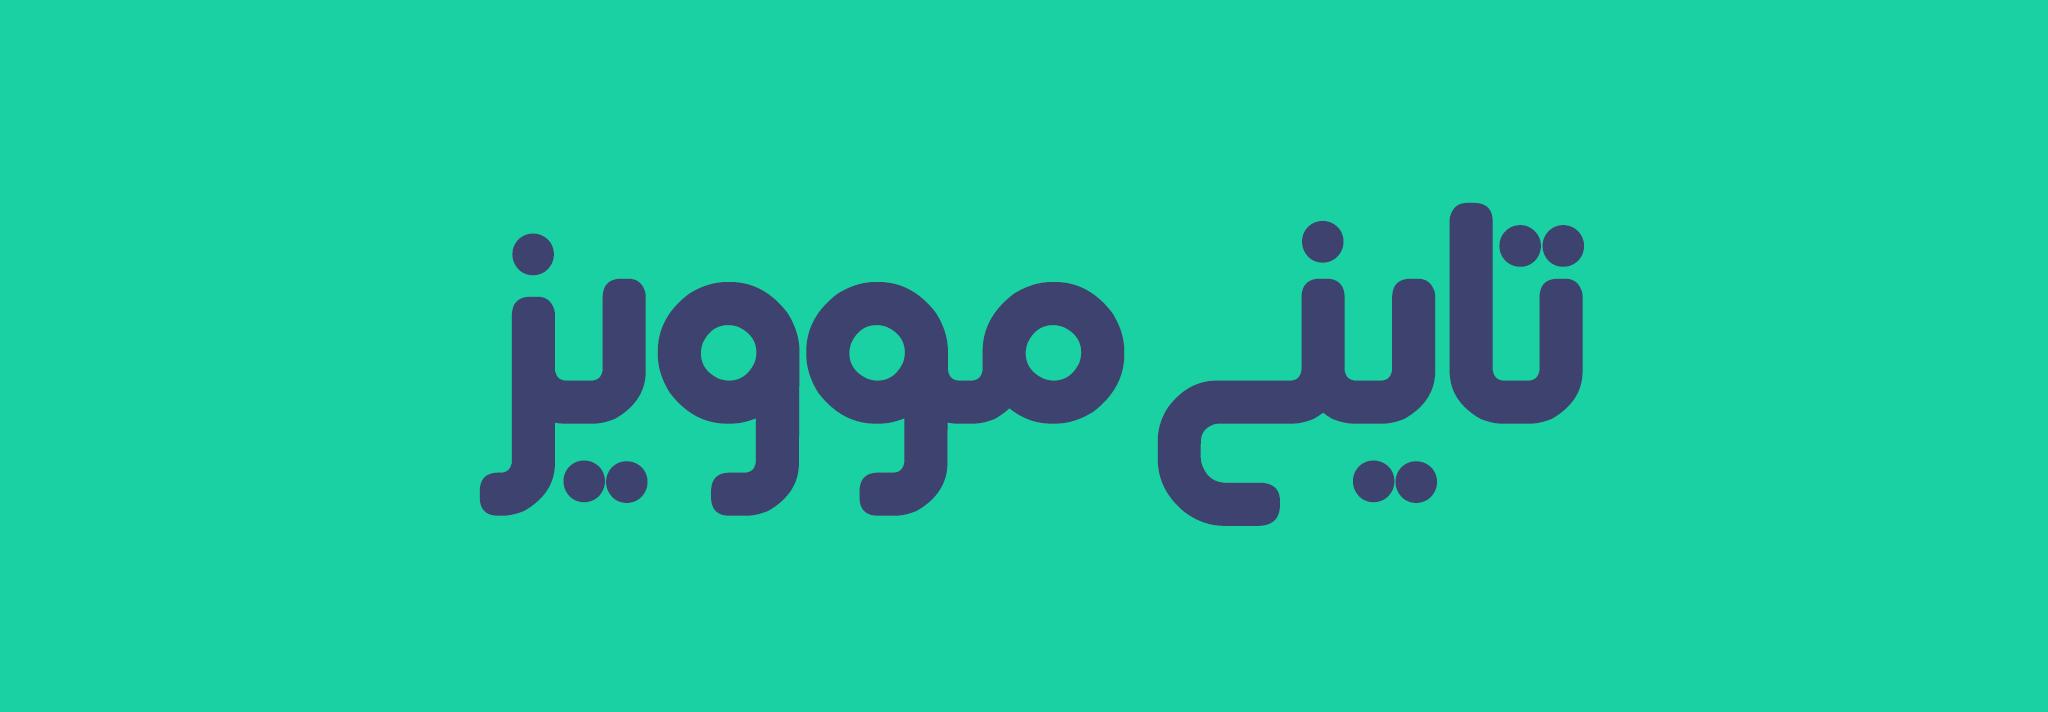 دانلود فونت تایپوگرافی فارسی دانا